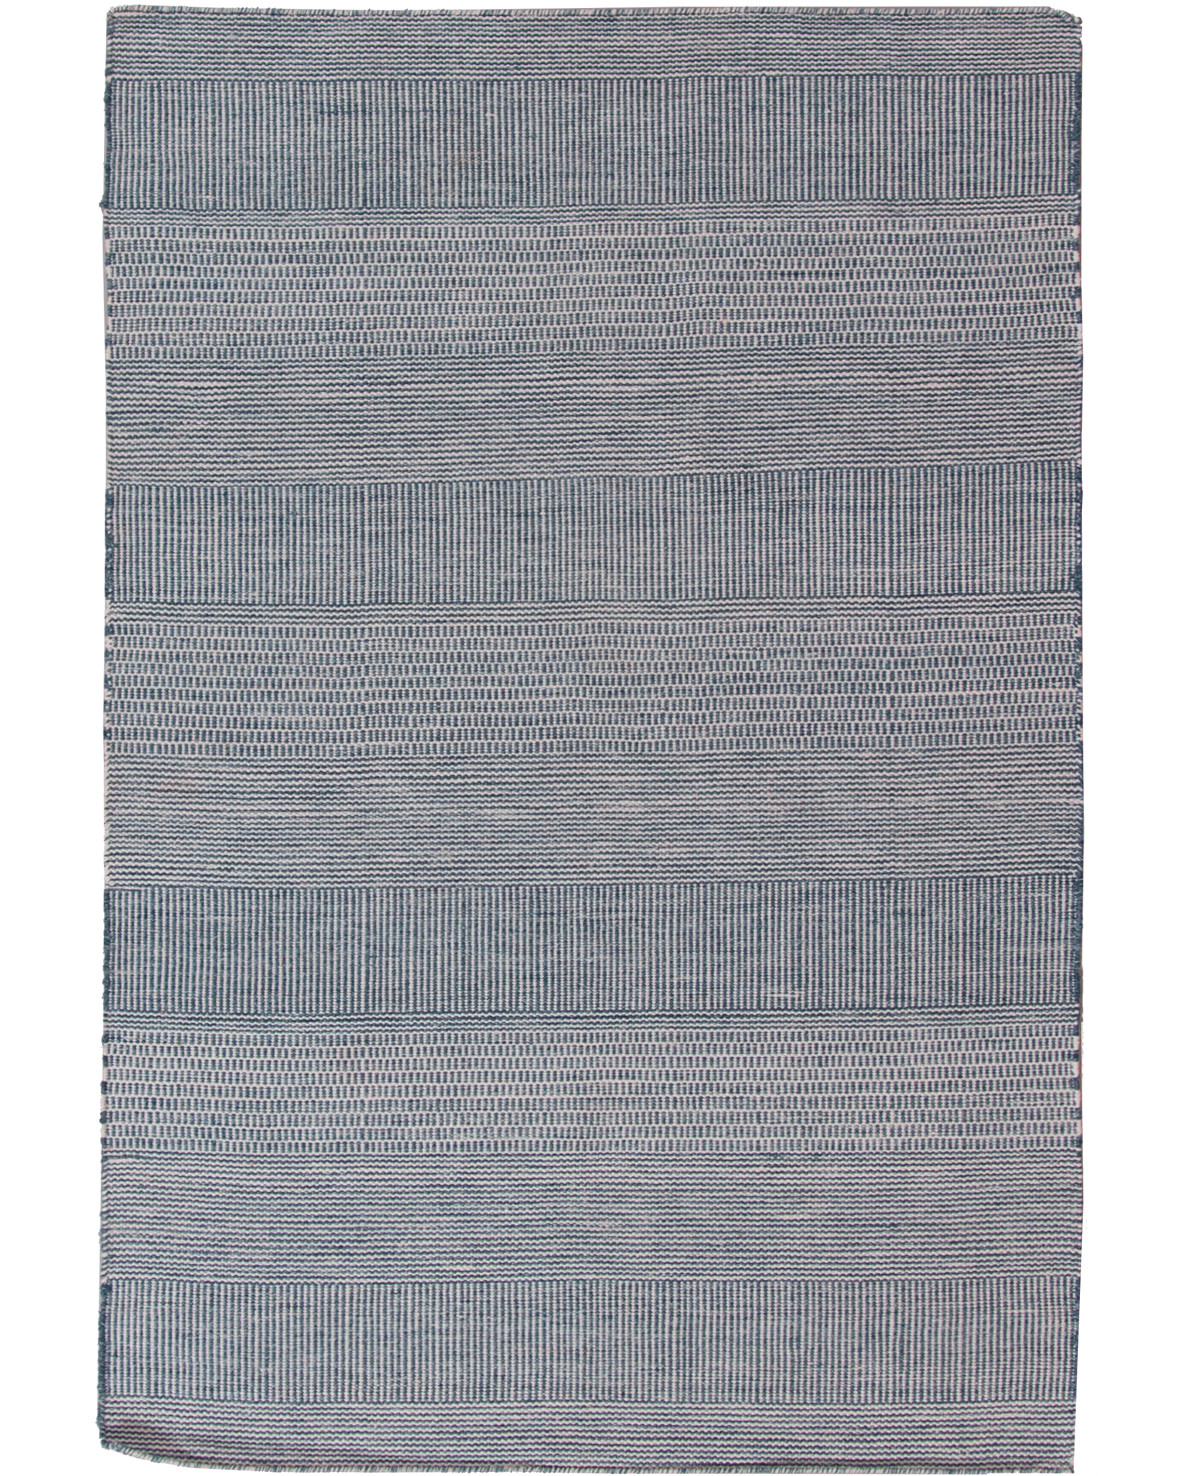 Klimatsmart blå handvävd matta Bohemian 200x290cm av material från återvunna PET flaskor i ett modernt randigt mönster